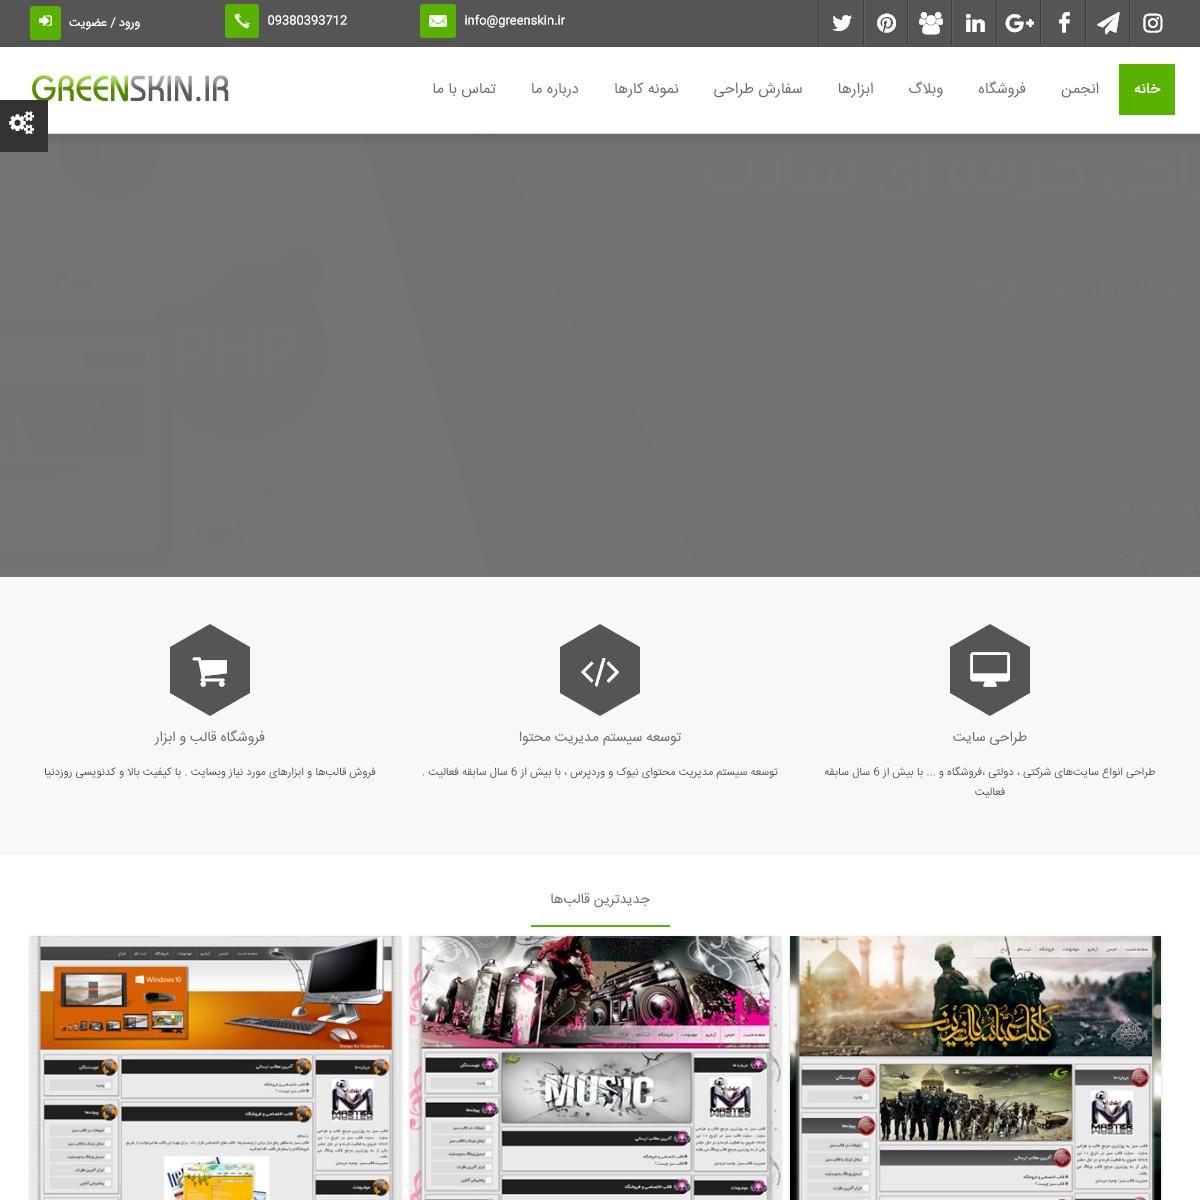 قالب سبز - GreenSkin